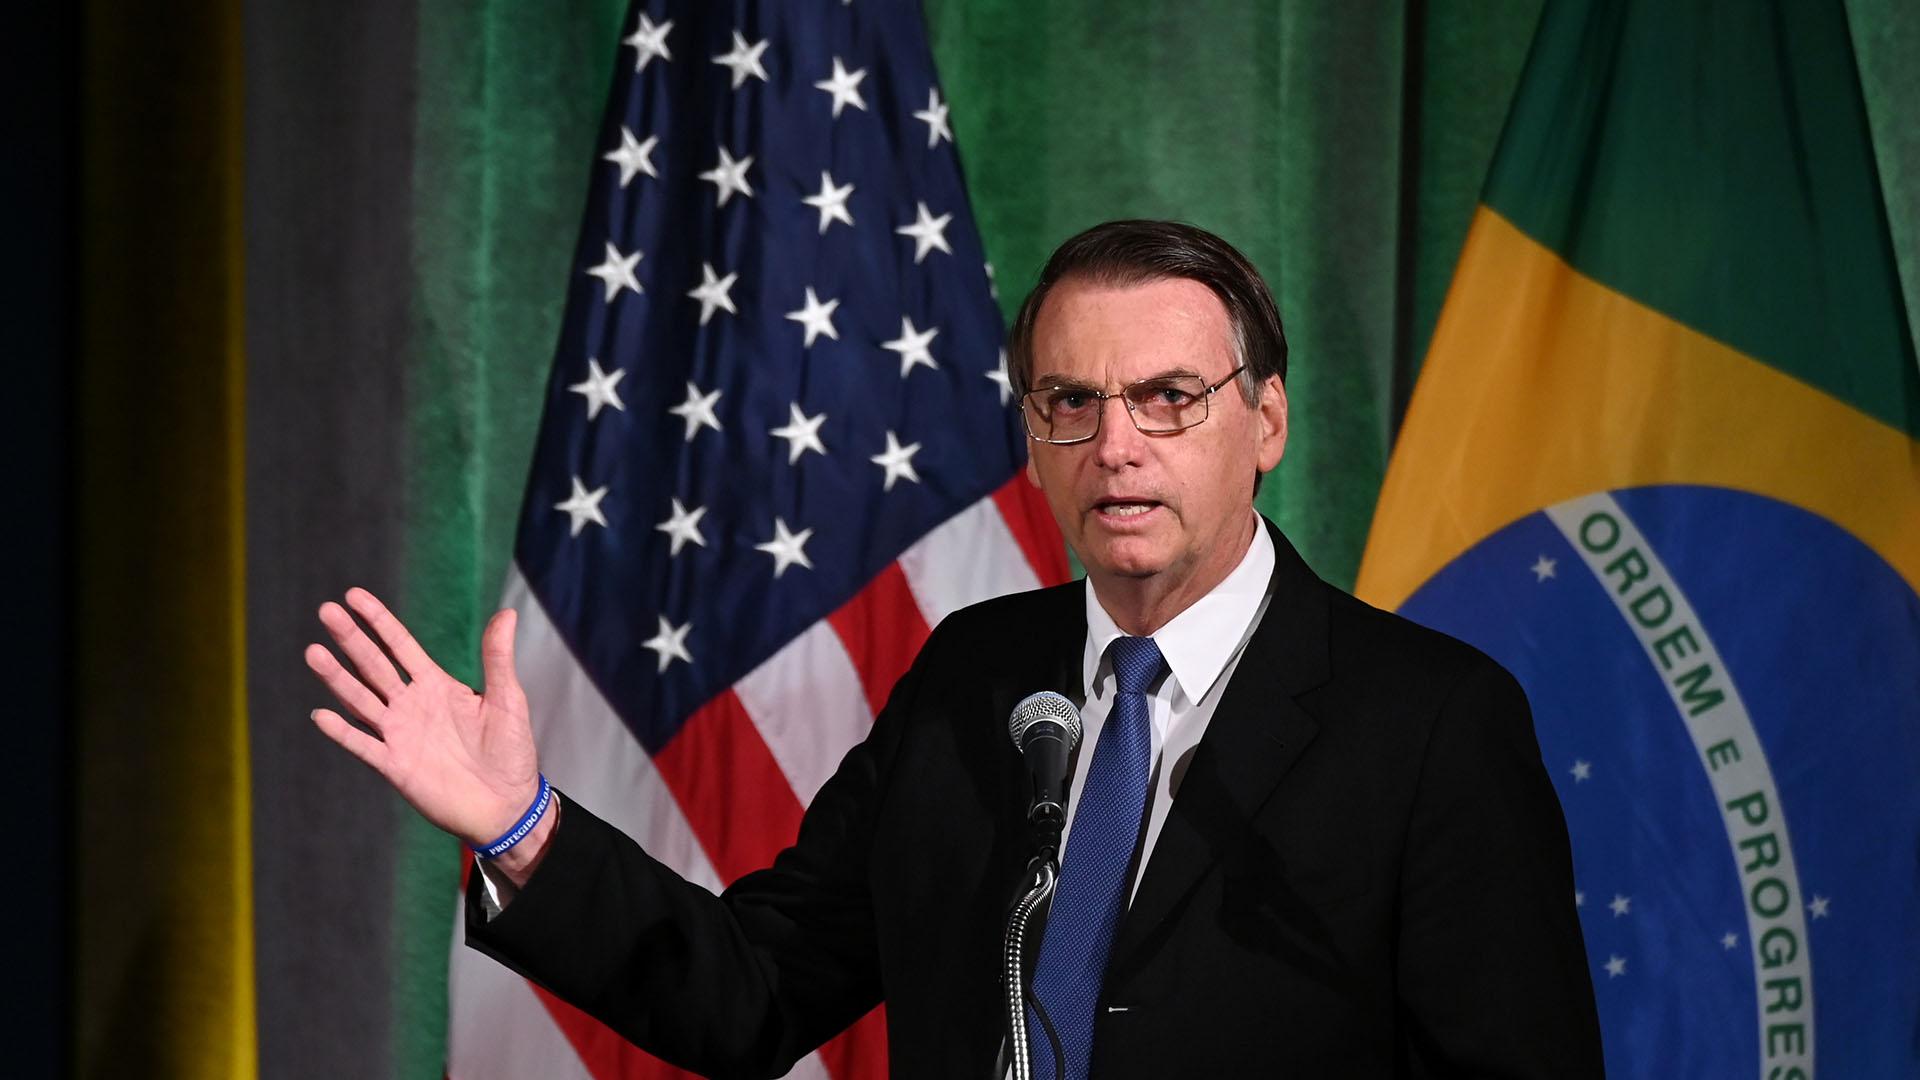 Jair Bolsonaro dio un discurso ante la Cámara de Comercio de EEUU(REUTERS/Erin Scott)